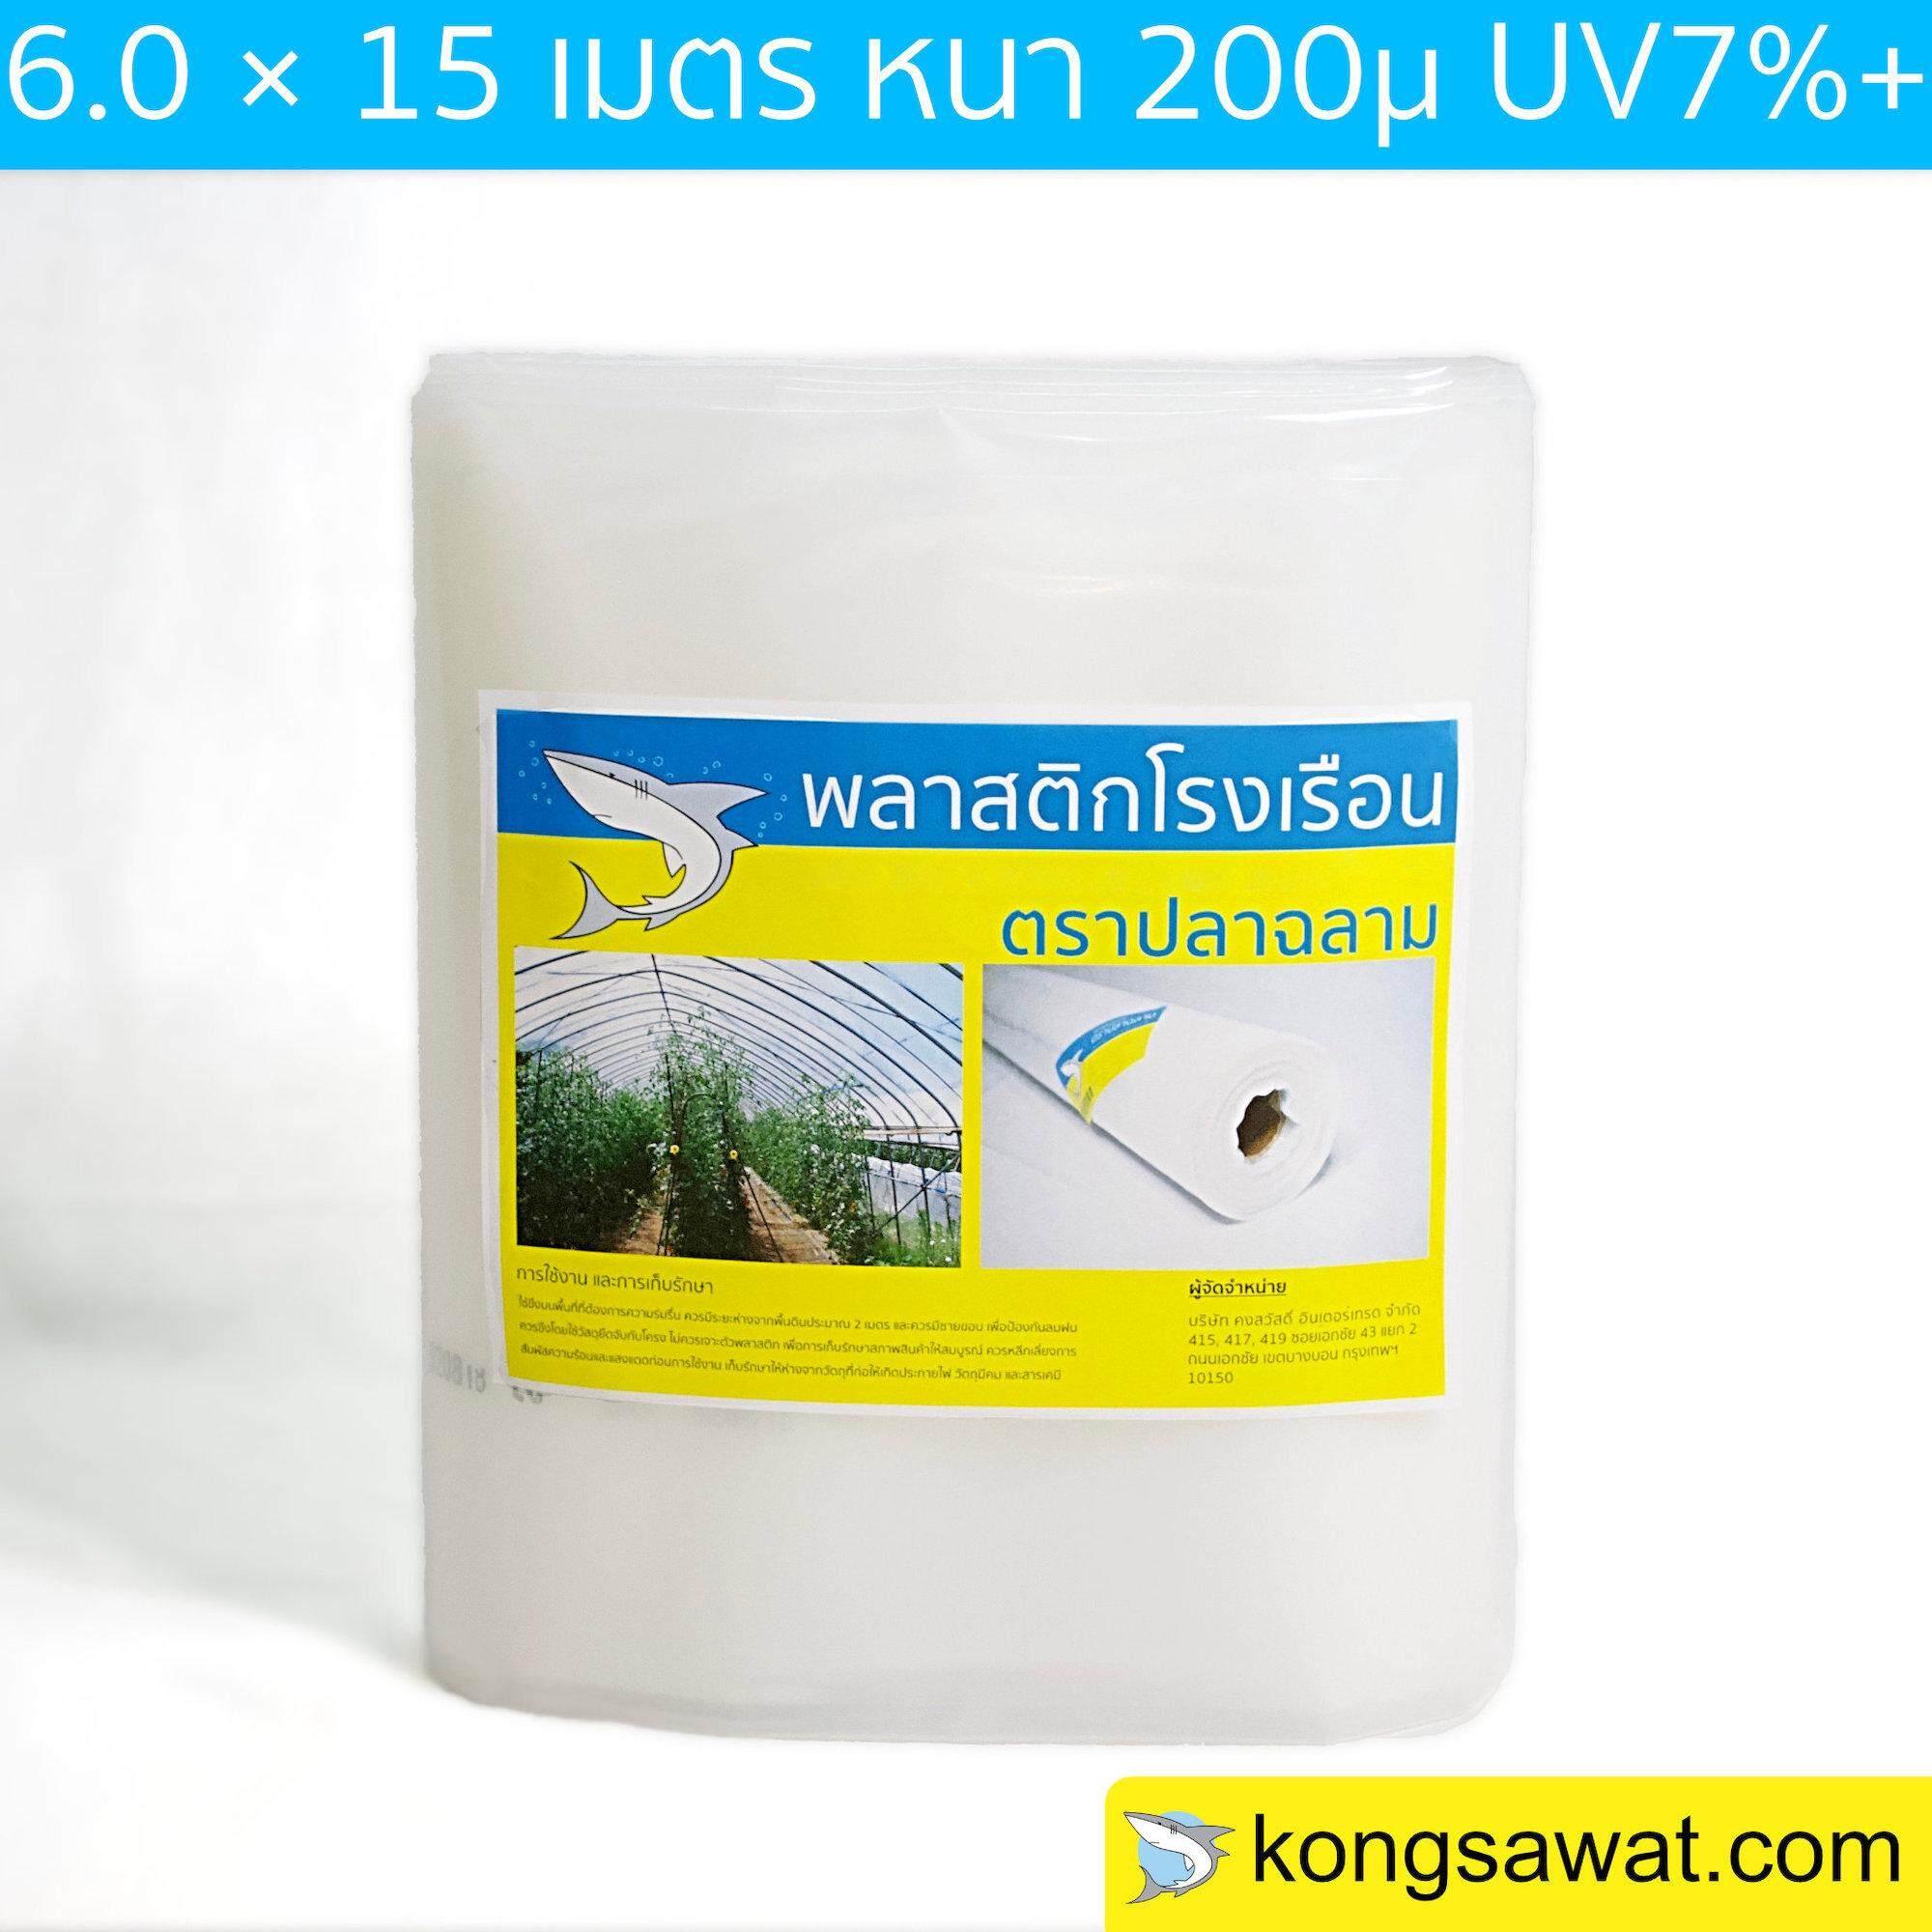 พลาสติกโรงเรือน 6.0 × 15 เมตร หนา 200 ไมครอน Uv7%+ ตราฉลาม By Kongsawat Intertrade Co.,ltd..